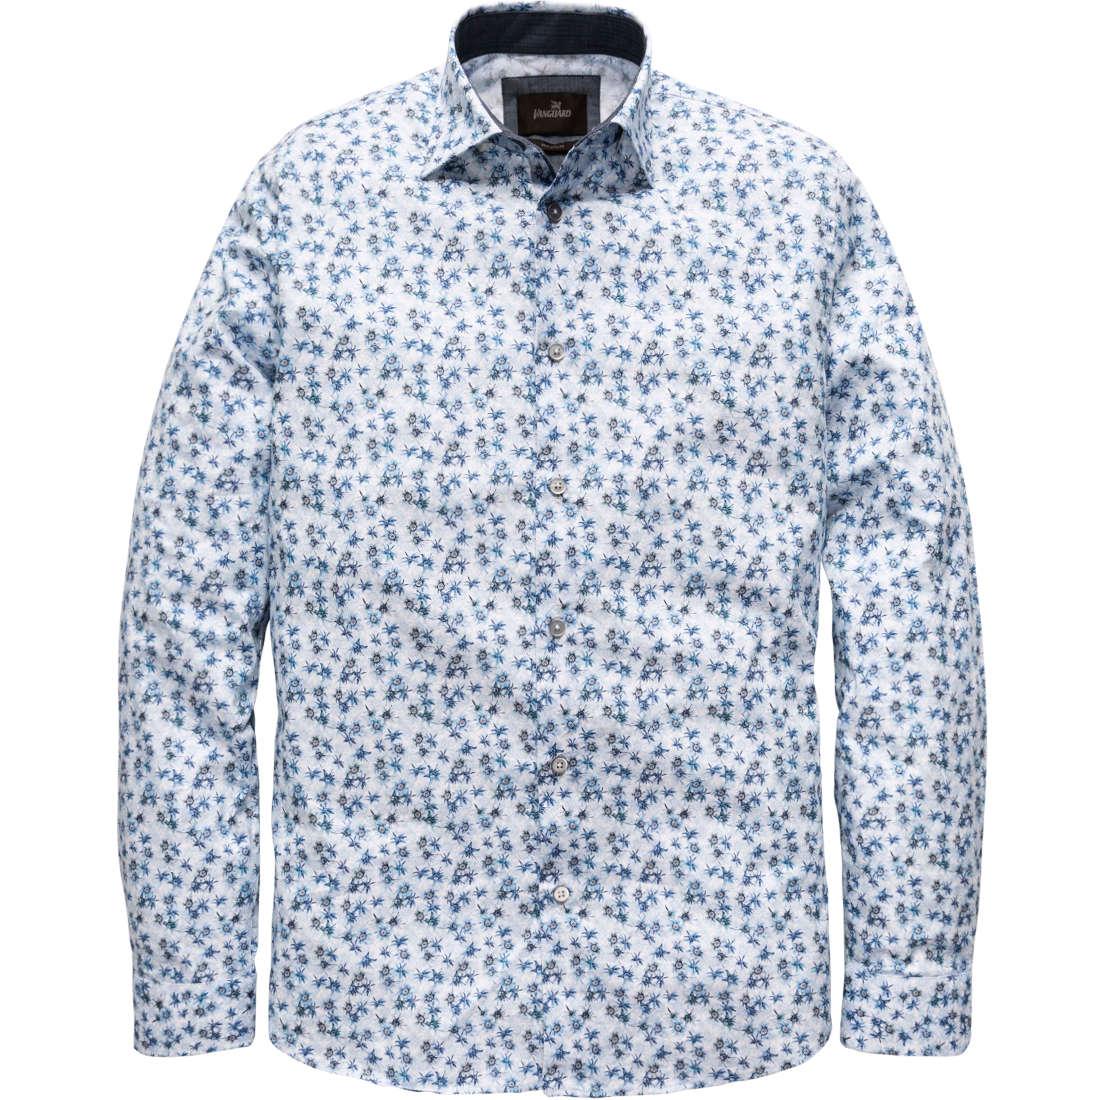 2d60dae73aa Vanguard overhemd vsi191402 in het Wit